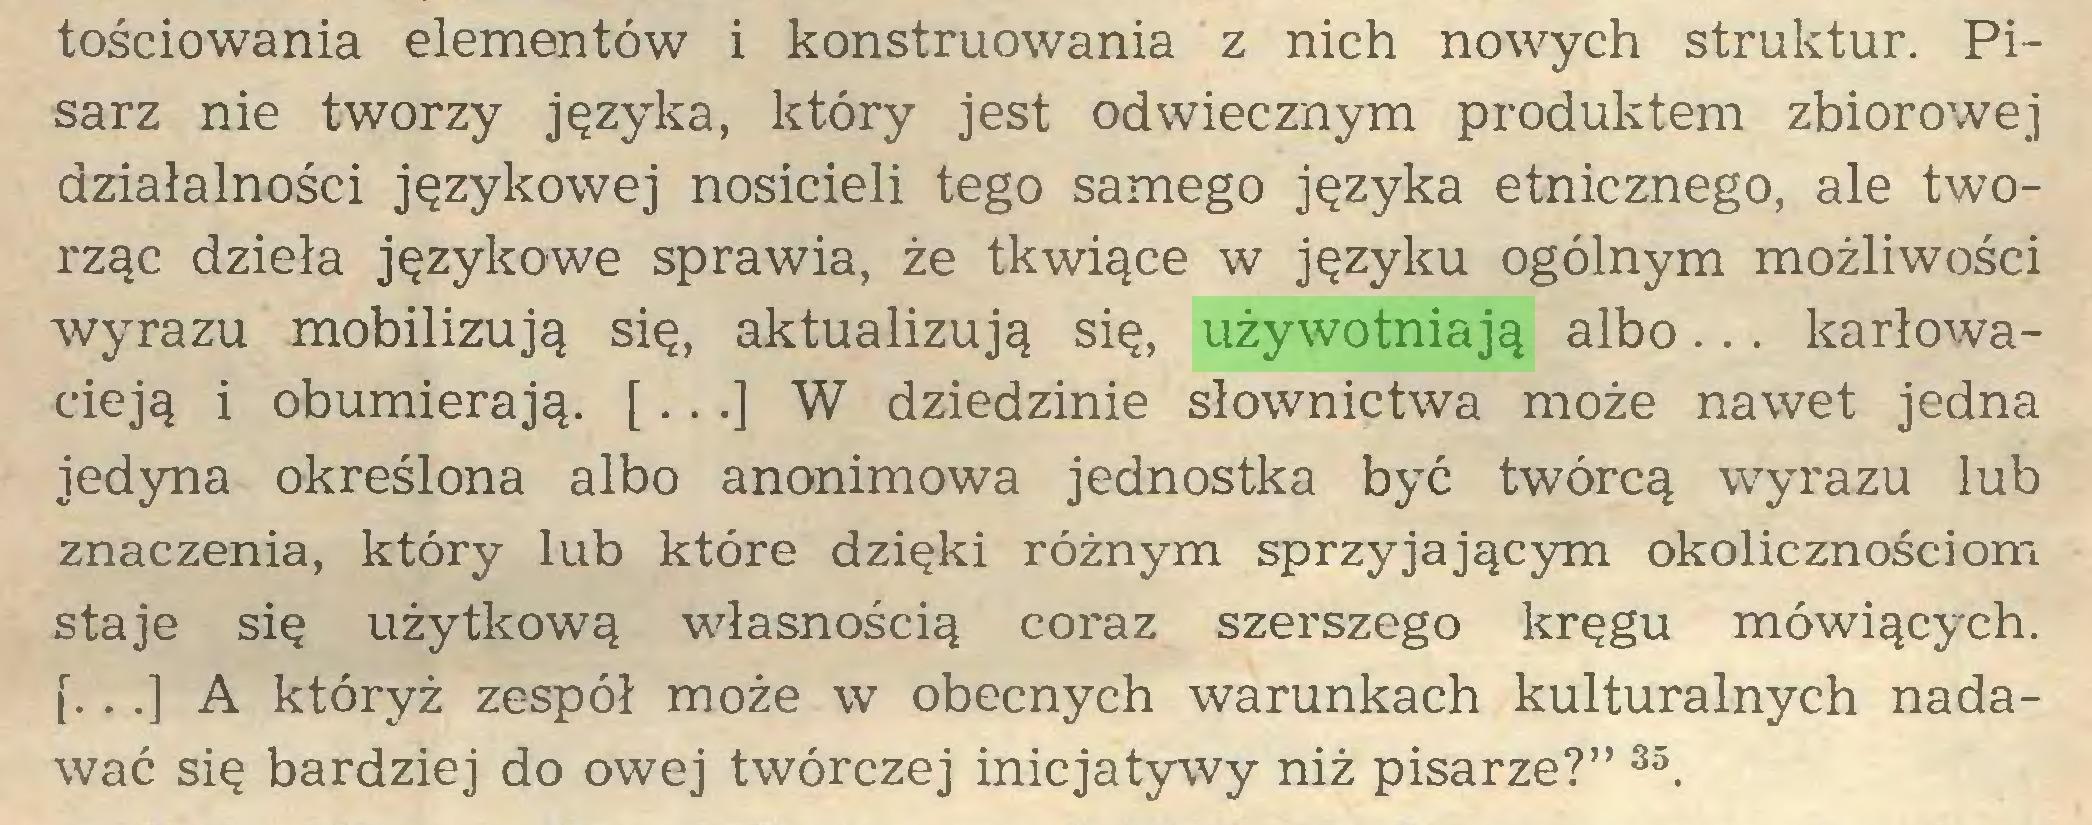 """(...) tościowania elementów i konstruowania z nich nowych struktur. Pisarz nie tworzy języka, który jest odwiecznym produktem zbiorowej działalności językowej nosicieli tego samego języka etnicznego, ale tworząc dzieła językowe sprawia, że tkwiące w języku ogólnym możliwości wyrazu mobilizują się, aktualizują się, używotniają albo... karłowacieją i obumierają. [...] W dziedzinie słownictwa może nawet jedna jedyna określona albo anonimowa jednostka być twórcą wyrazu lub znaczenia, który lub które dzięki różnym sprzyjającym okolicznościom staje się użytkową własnością coraz szerszego kręgu mówiących, f.. .] A któryż zespół może w obecnych warunkach kulturalnych nadawać się bardziej do owej twórczej inicjatywy niż pisarze?"""" 35..."""